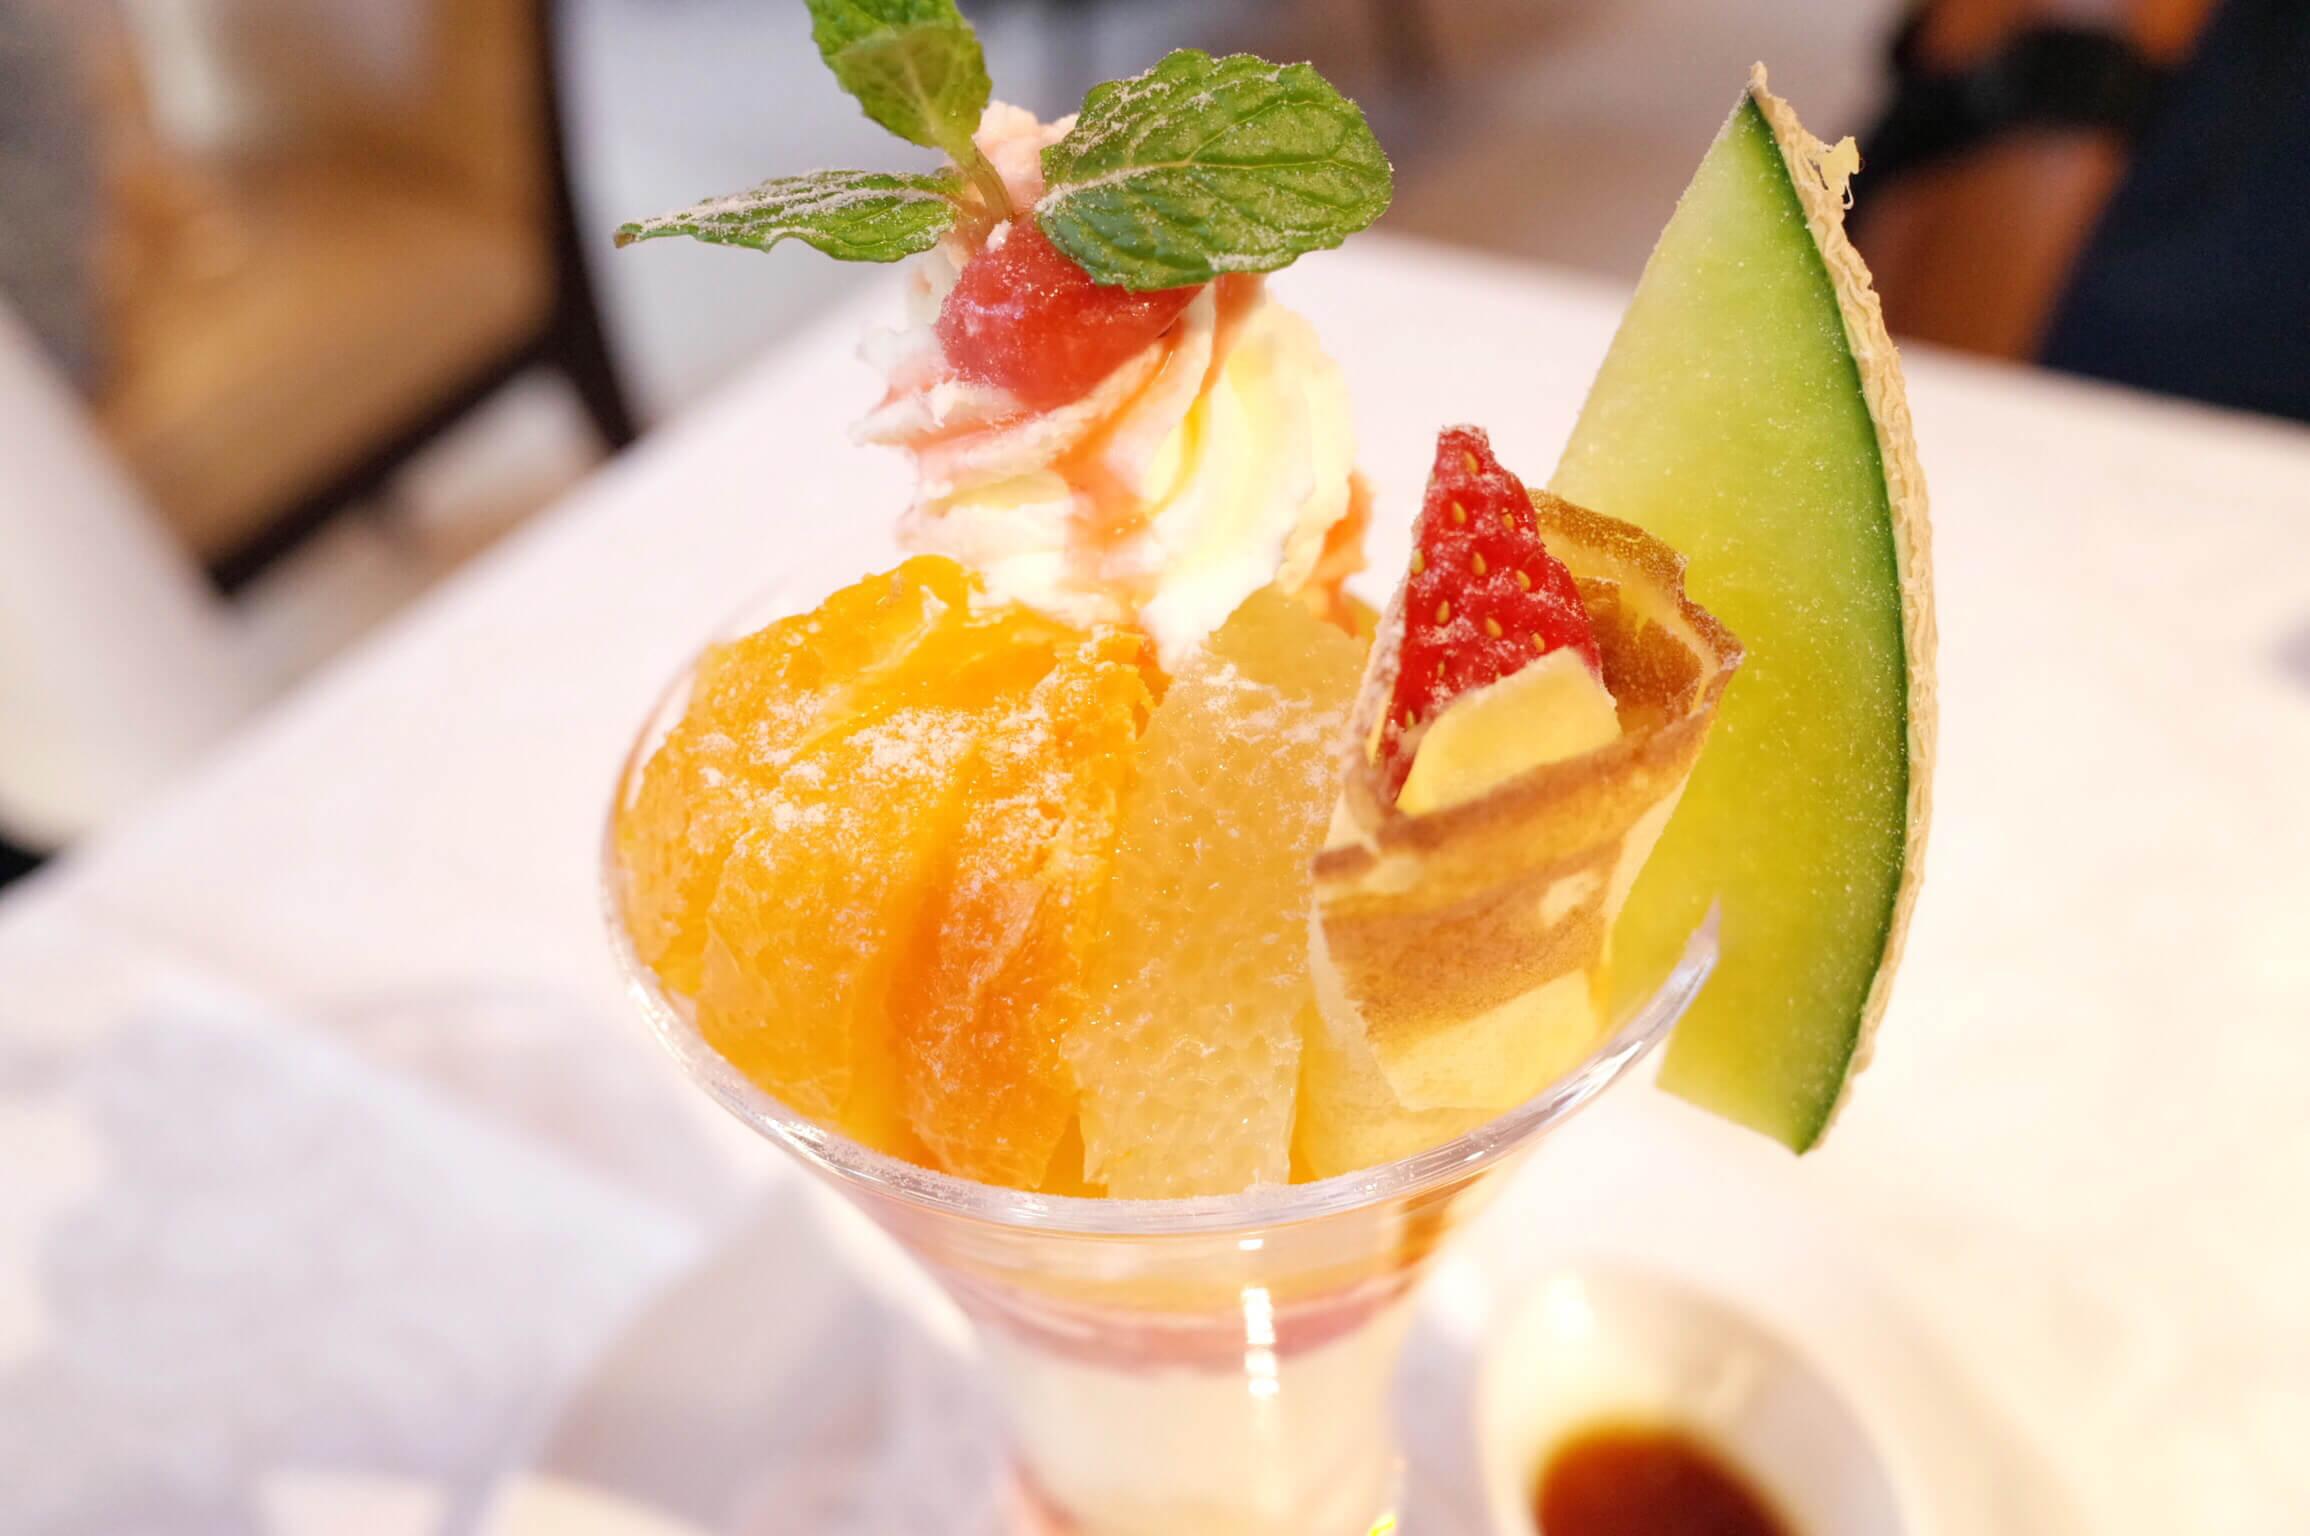 資生堂パーラー 銀座 | 4月の限定パフェは春の国産フルーツ 柑橘系の共演で季節の変わり目を実感!